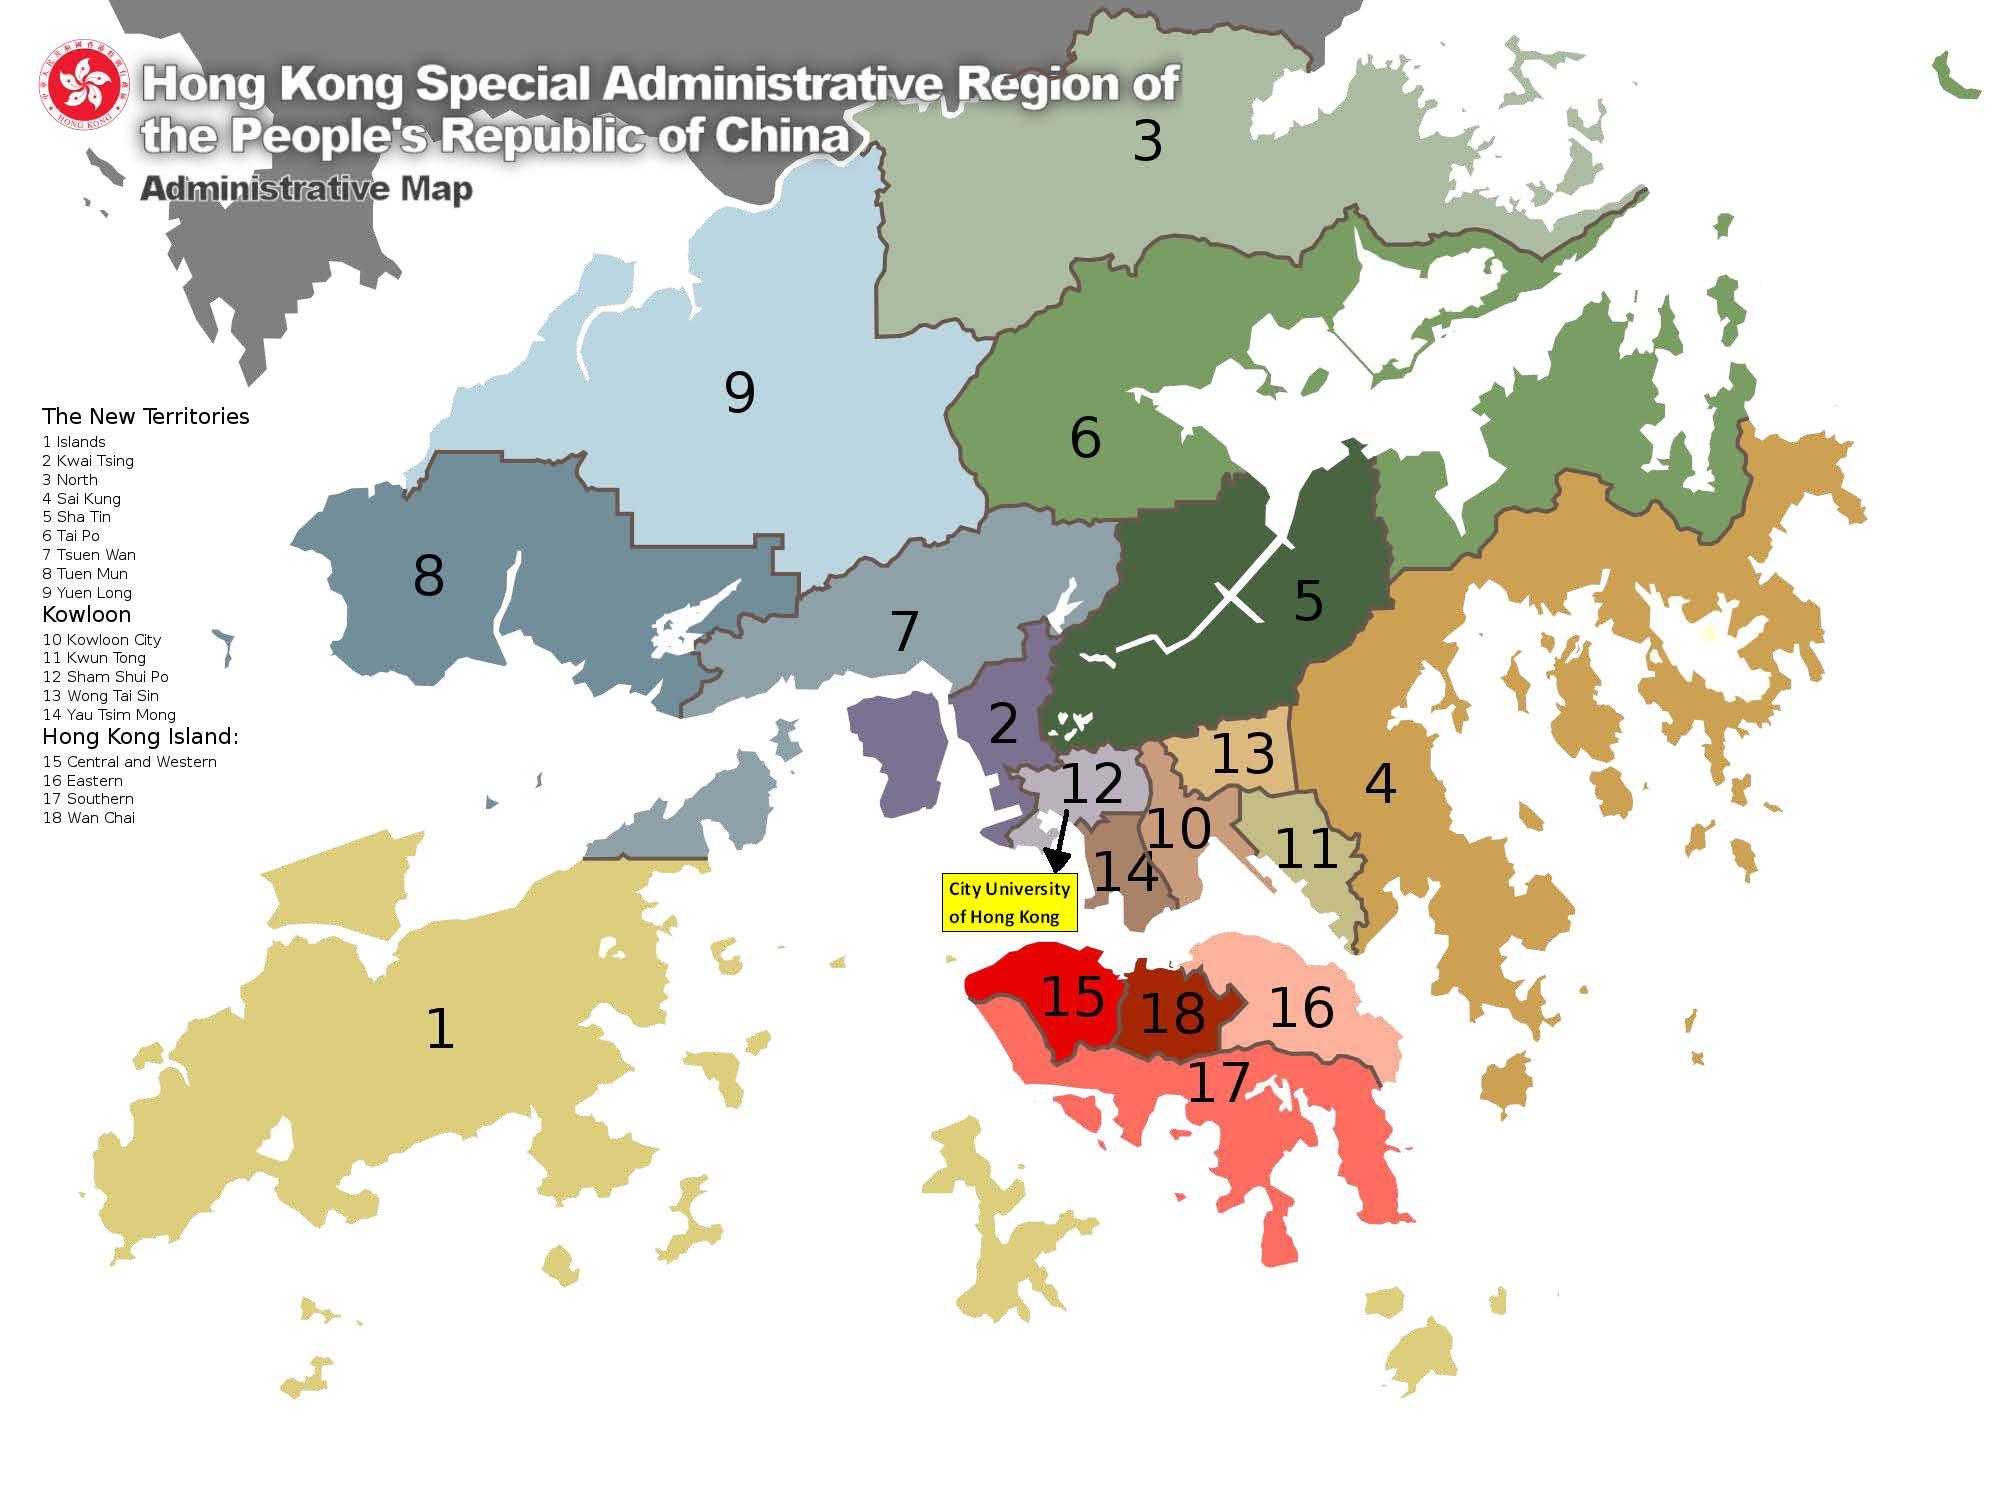 香港十八区地图【相关词_ 香港十八区】